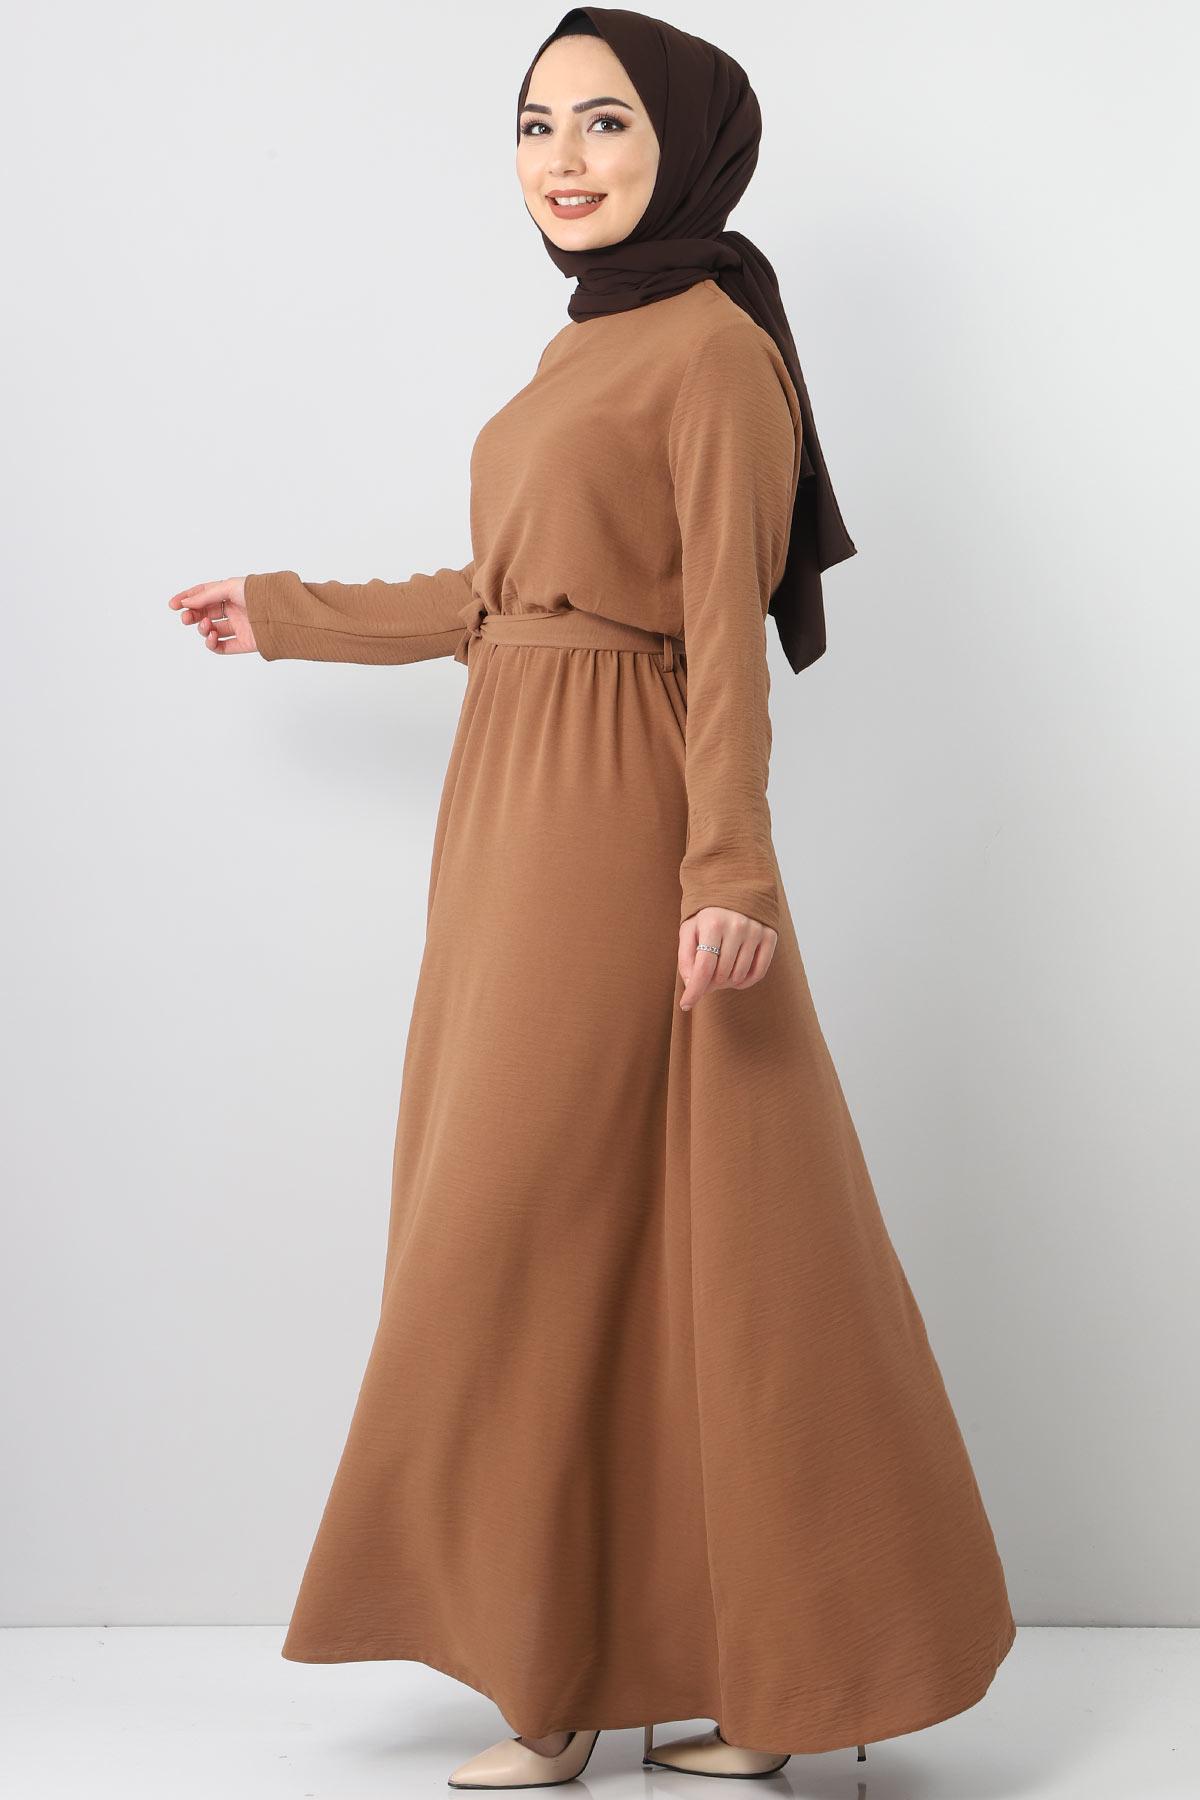 Beli Lastikli Ayrobin Elbise TSD5521 Kahverengi